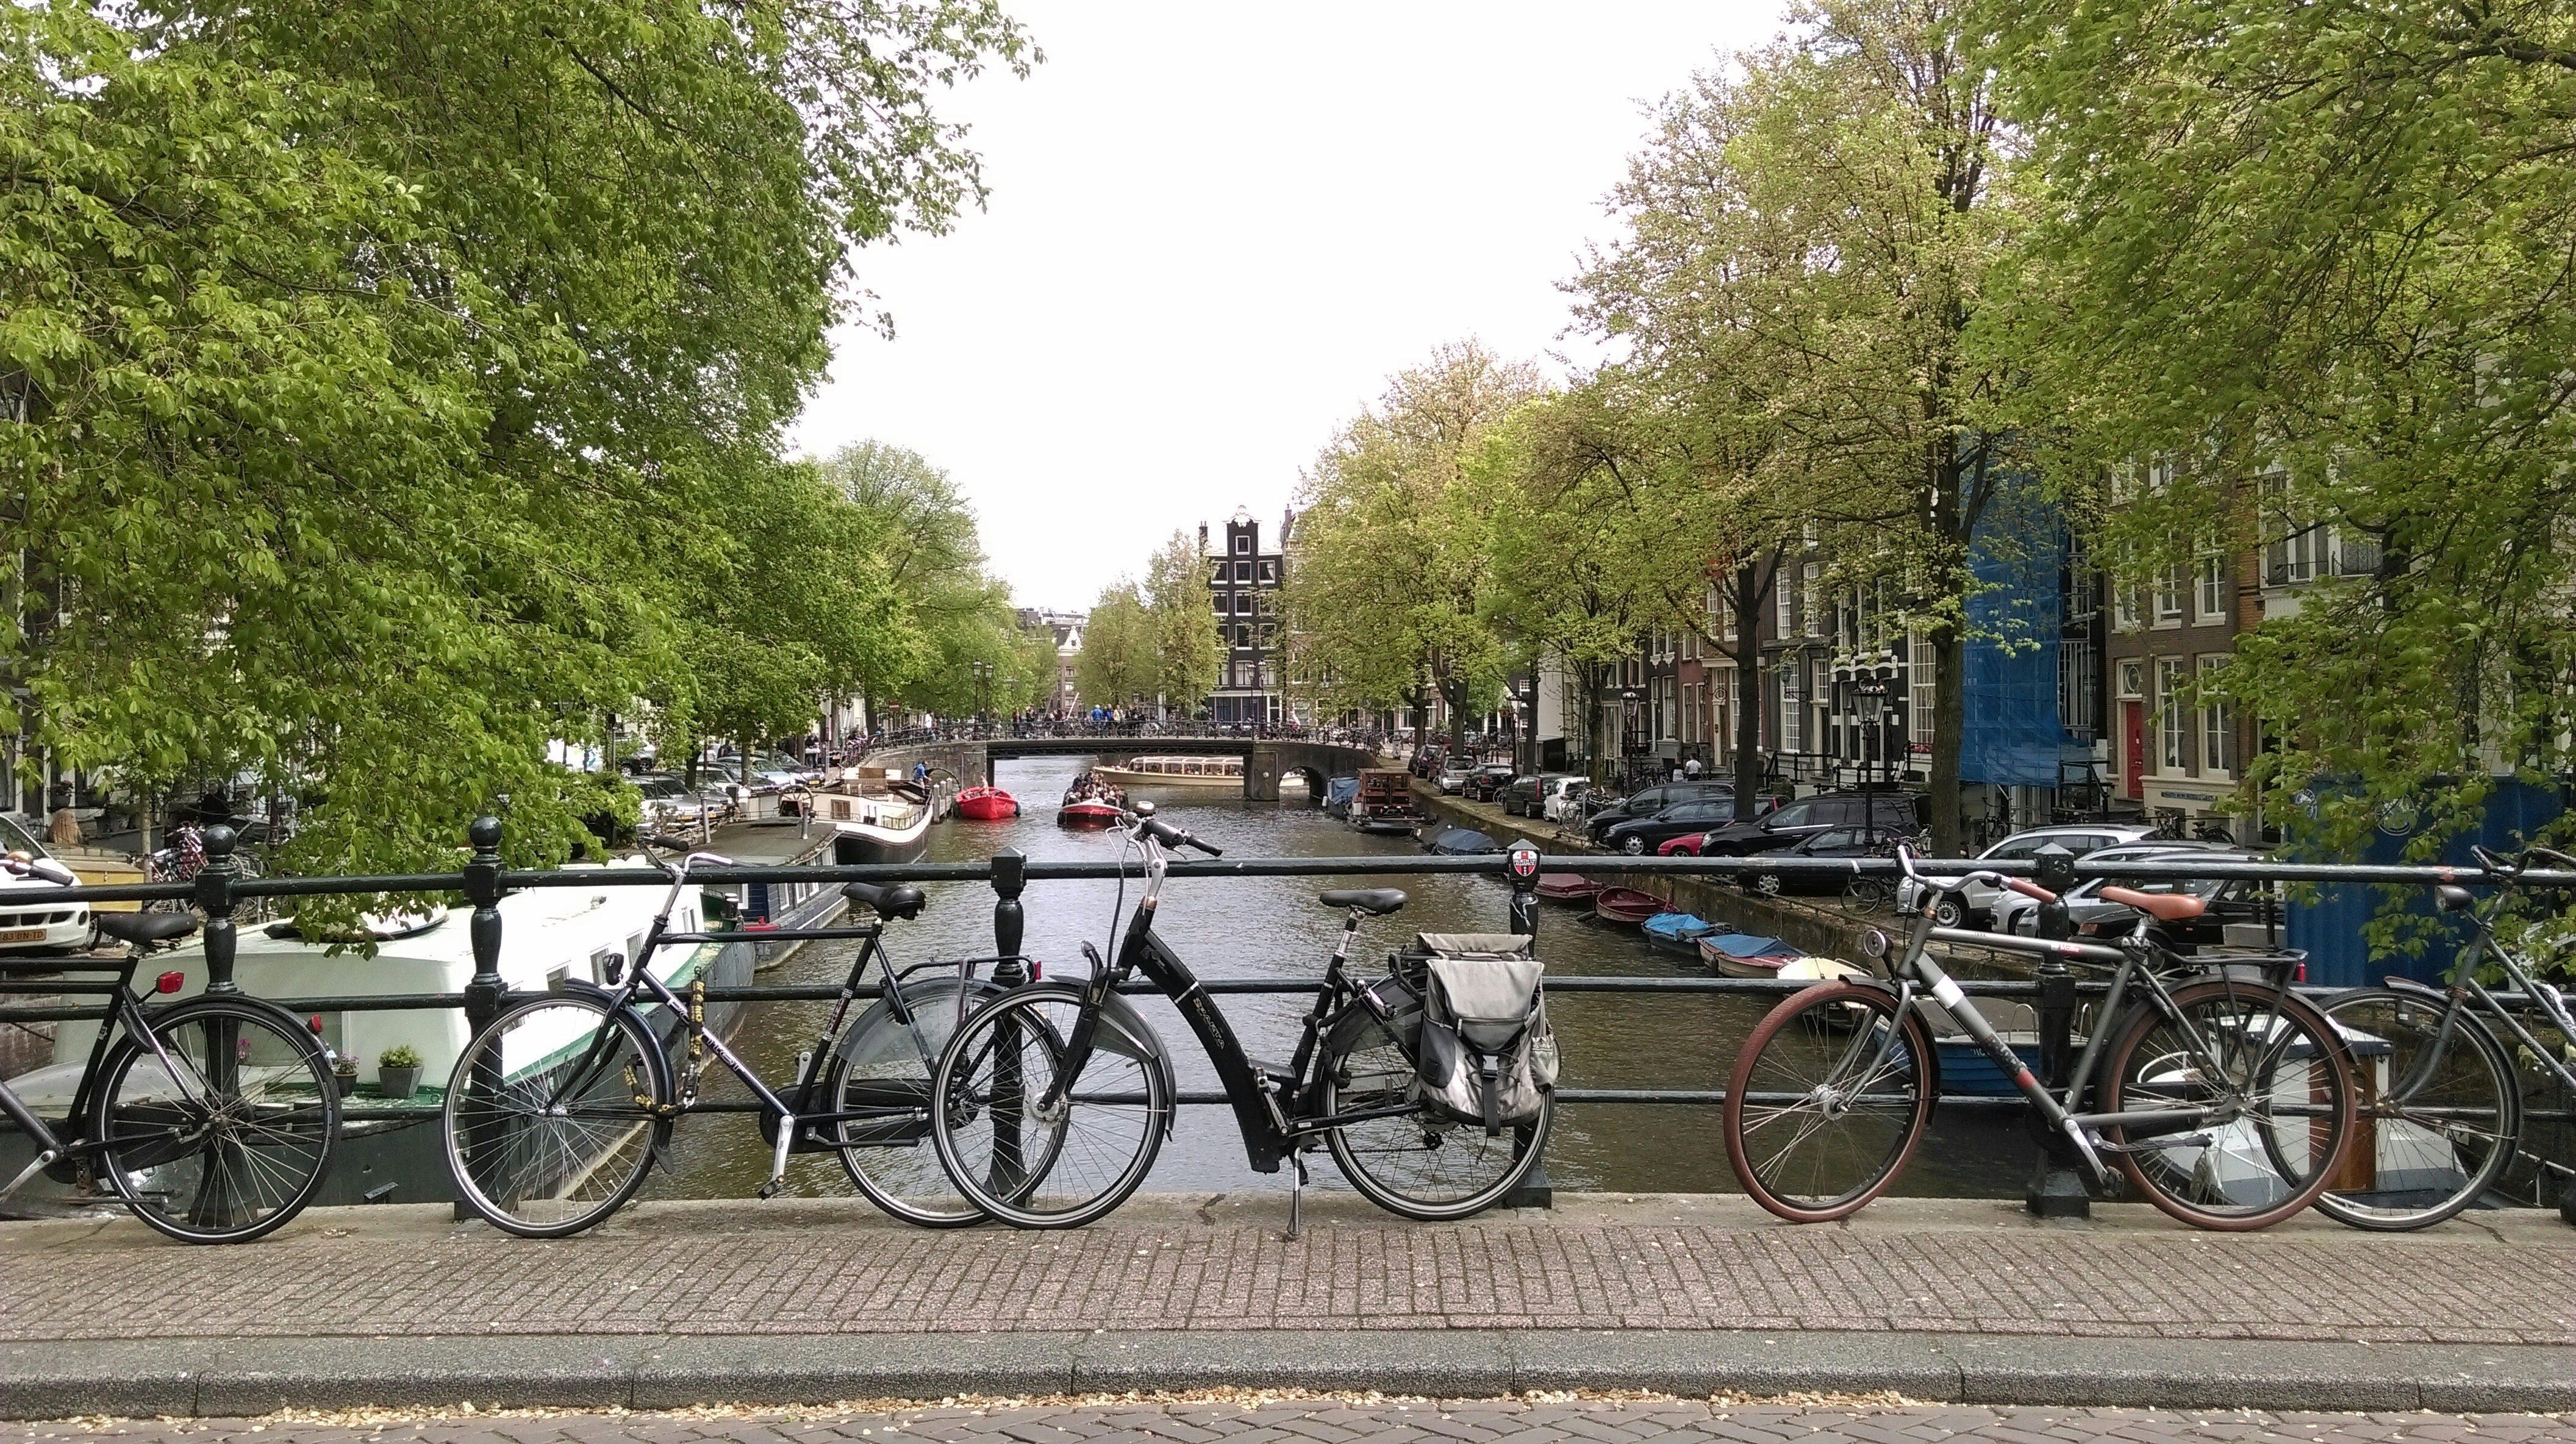 Vendita Case In Olanda amsterdam, 5 cose che mi hanno fatto impazzire - federchicca